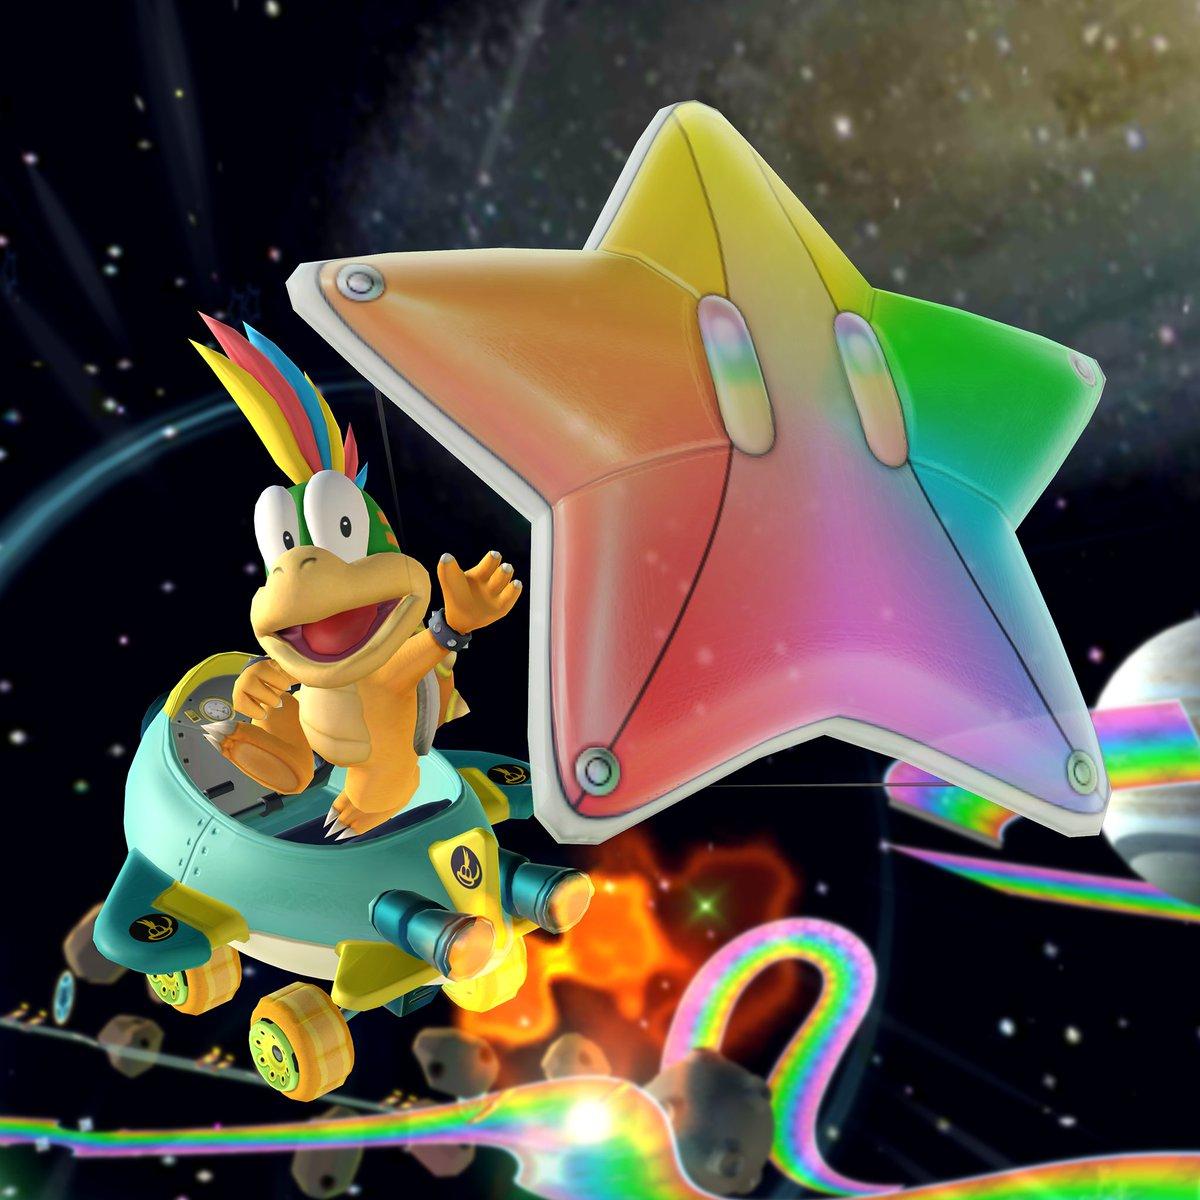 test ツイッターメディア - 夜空を照らす虹色の星 新グライダー「レインボーシューター」が登場!  ひとたび飛び出せば、夜空を切り裂く七色の流星に!  #マリオカートツアー https://t.co/HrmsW5nrdk